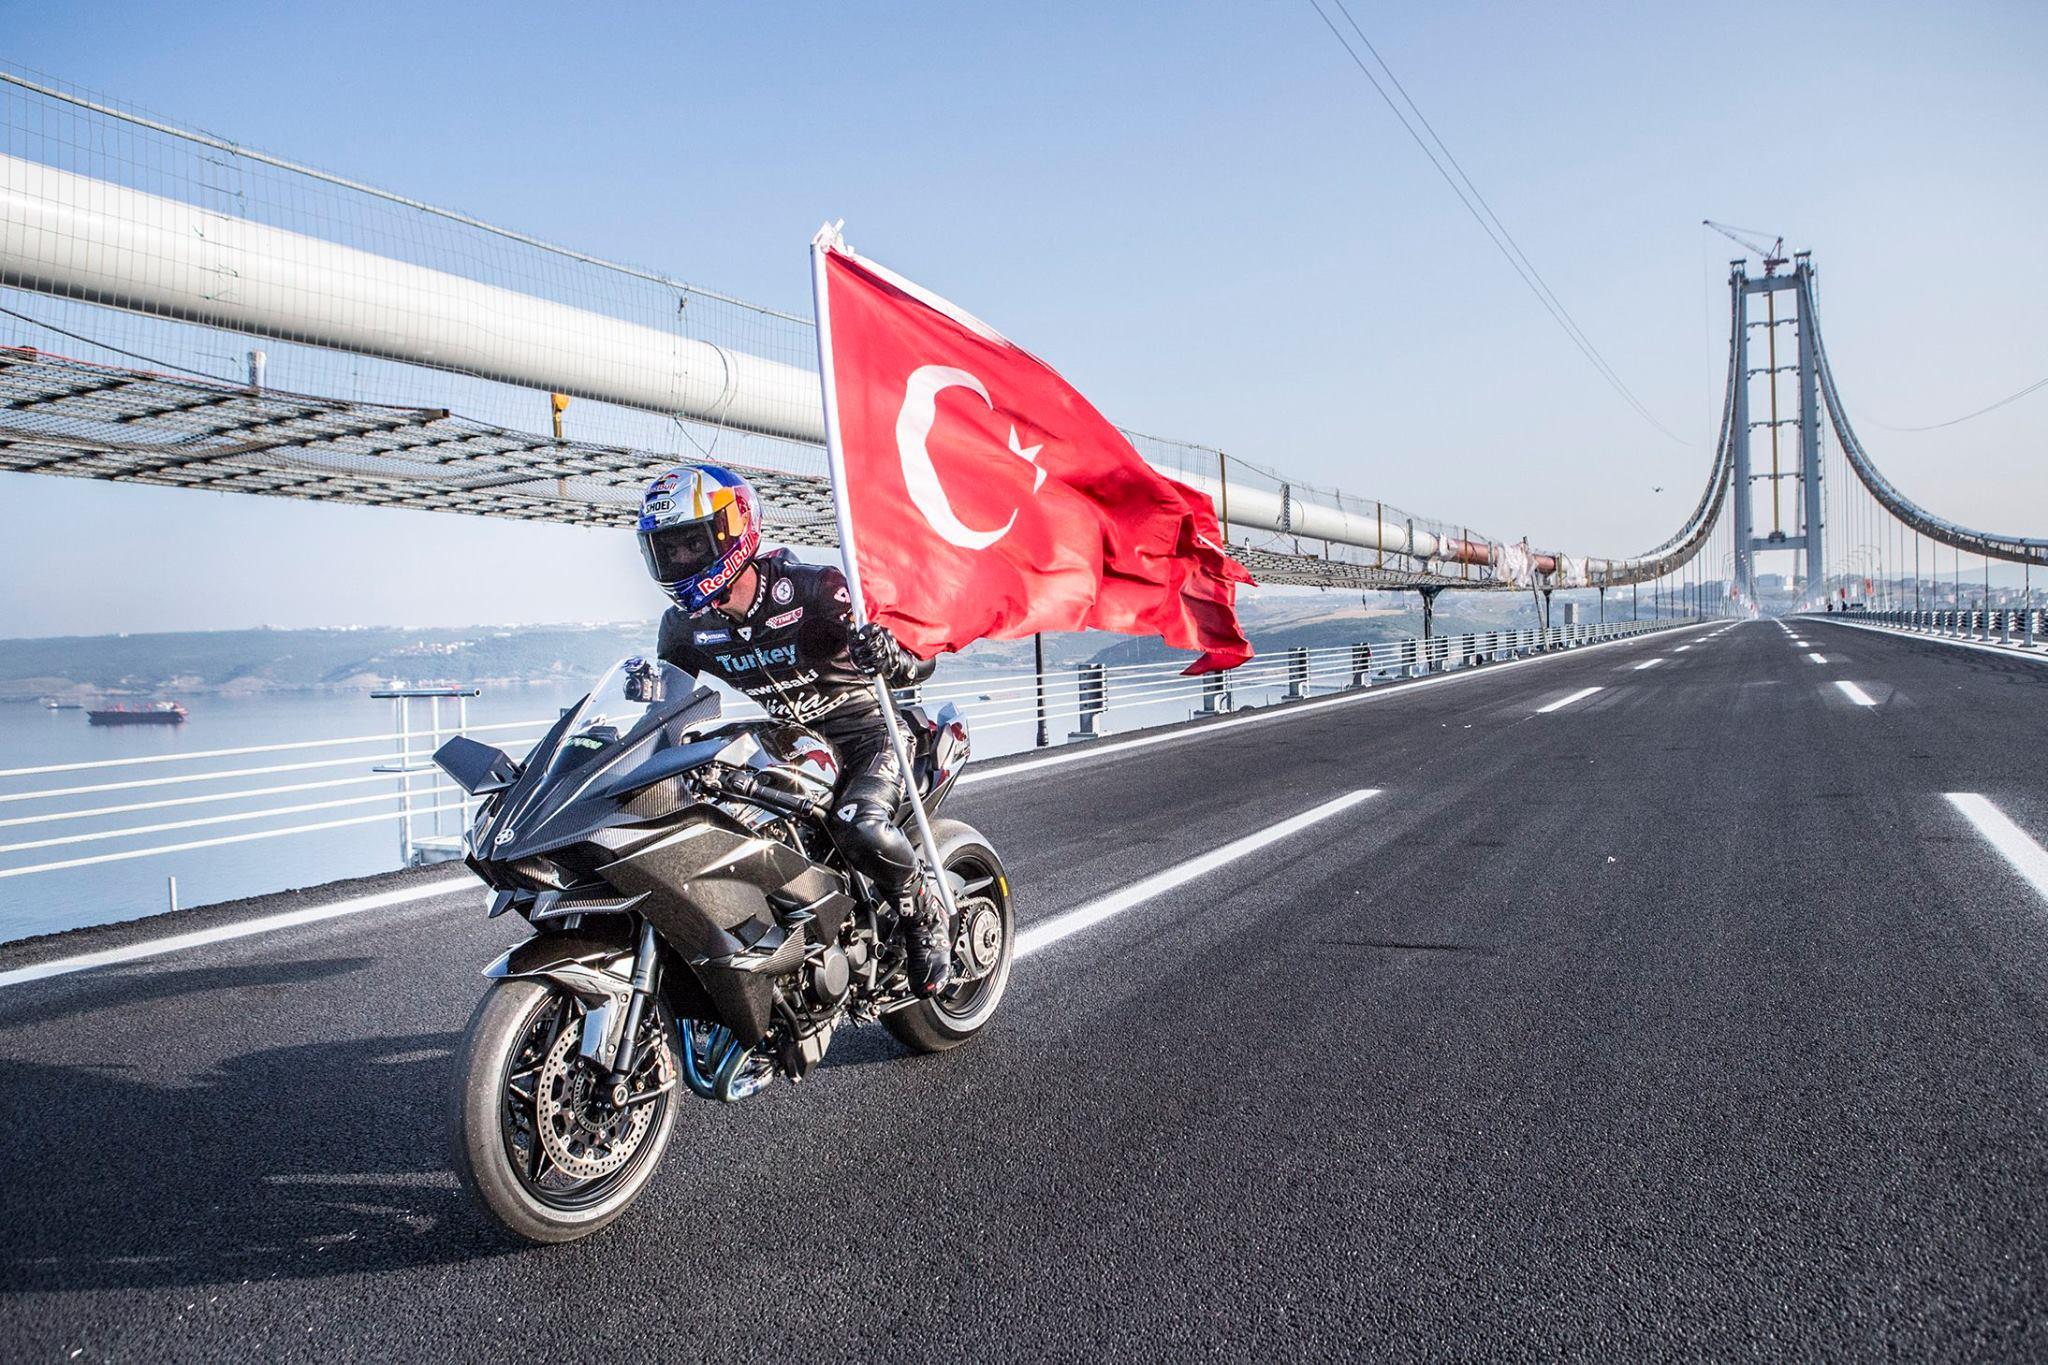 400 Kmh In 26 Seconds Aboard A Kawasaki Ninja H2r